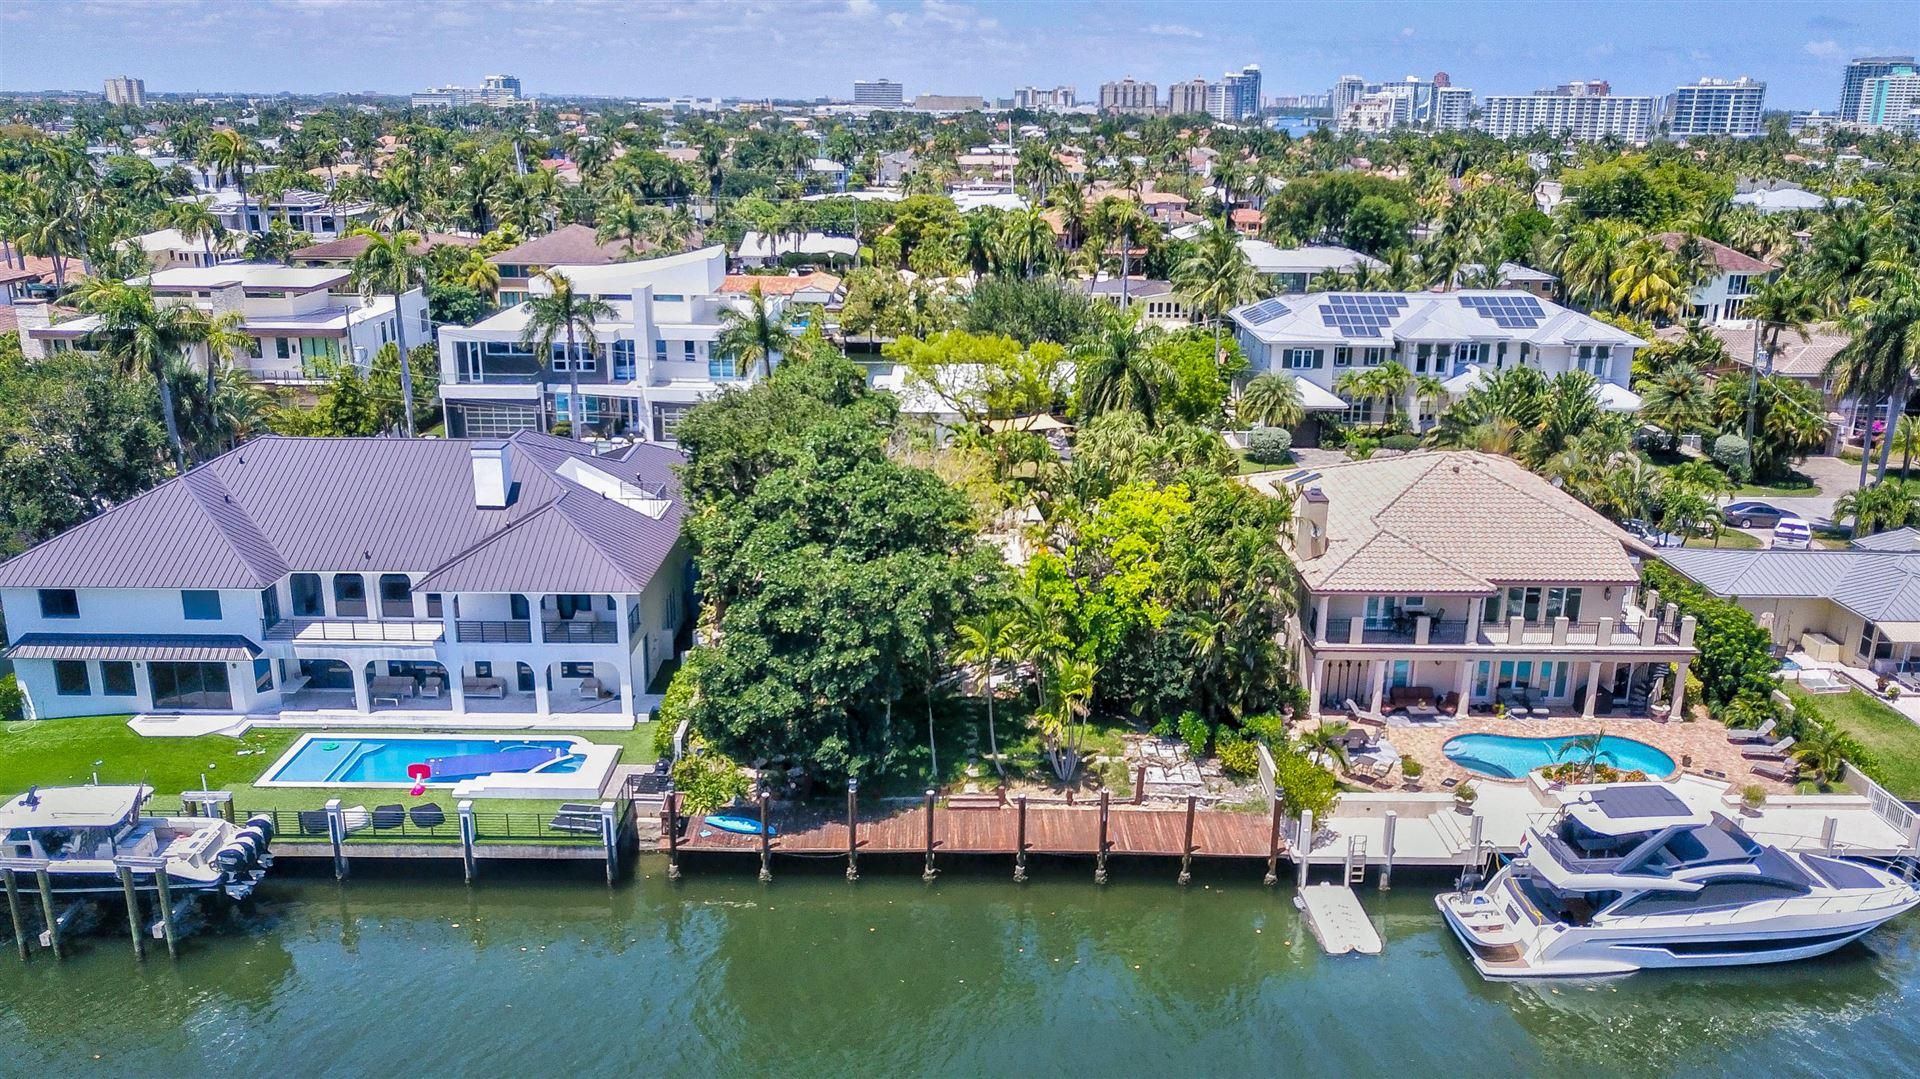 2508 Delmar Place, Fort Lauderdale, FL 33301 - #: RX-10711892